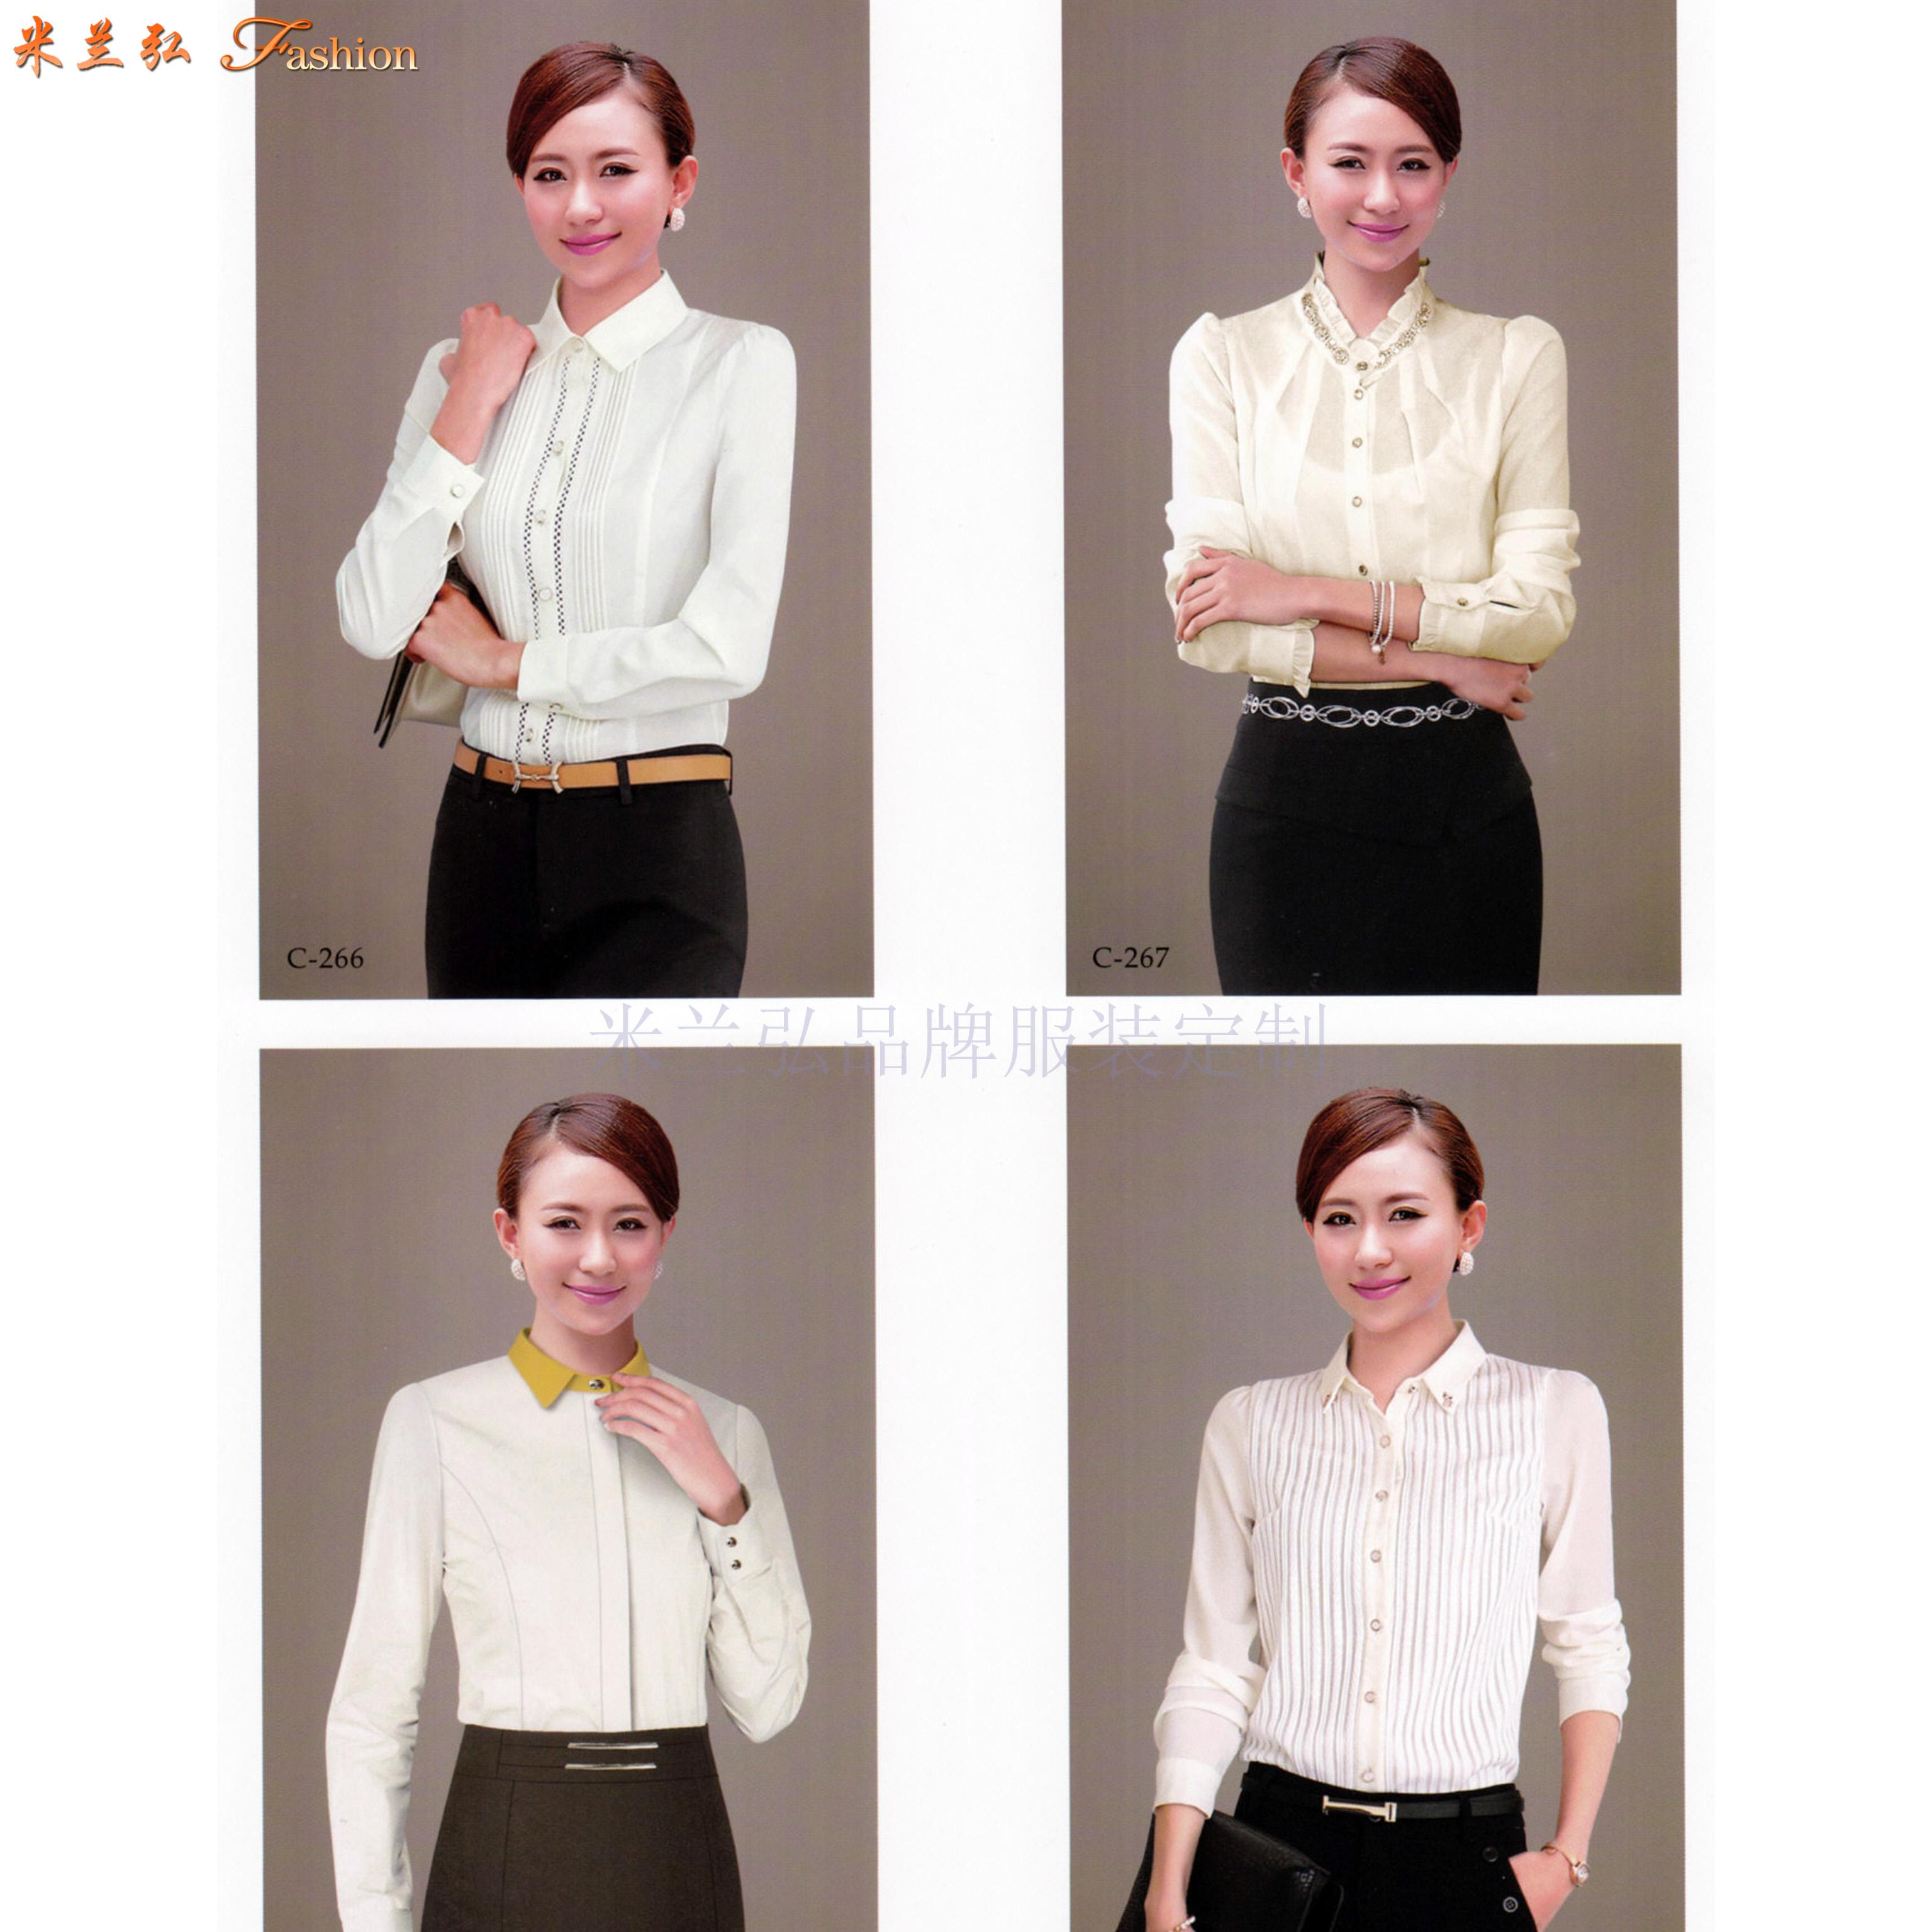 「高级衬衫定制」「私人衬衫定做」品牌衬衫订制厂家-米兰弘-4